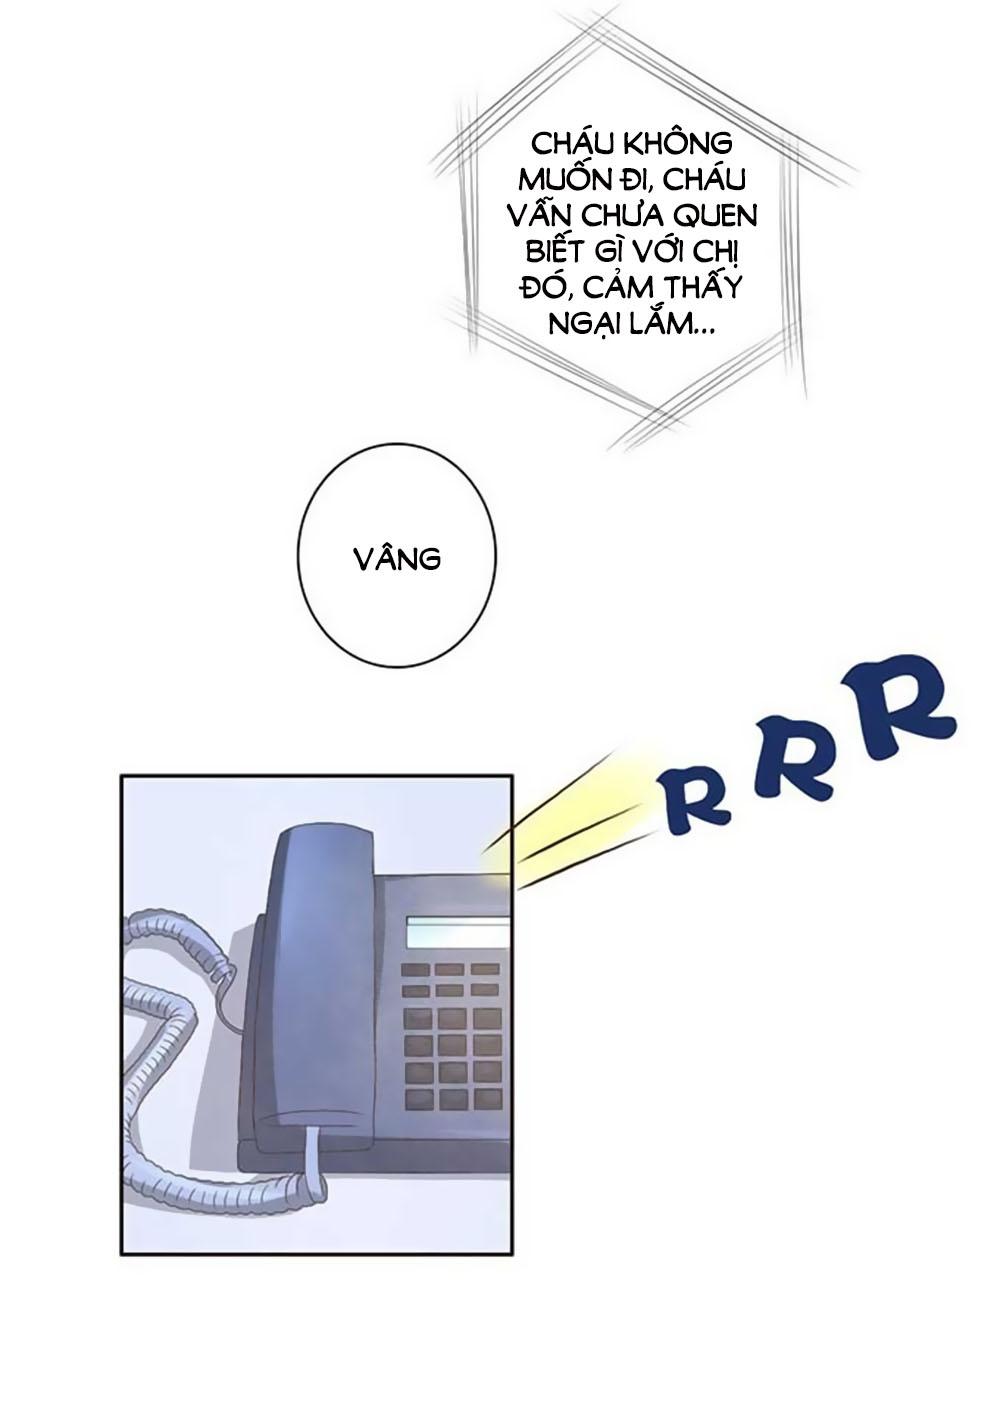 Bác Sĩ Sở Cũng Muốn Yêu chap 24 - Trang 11